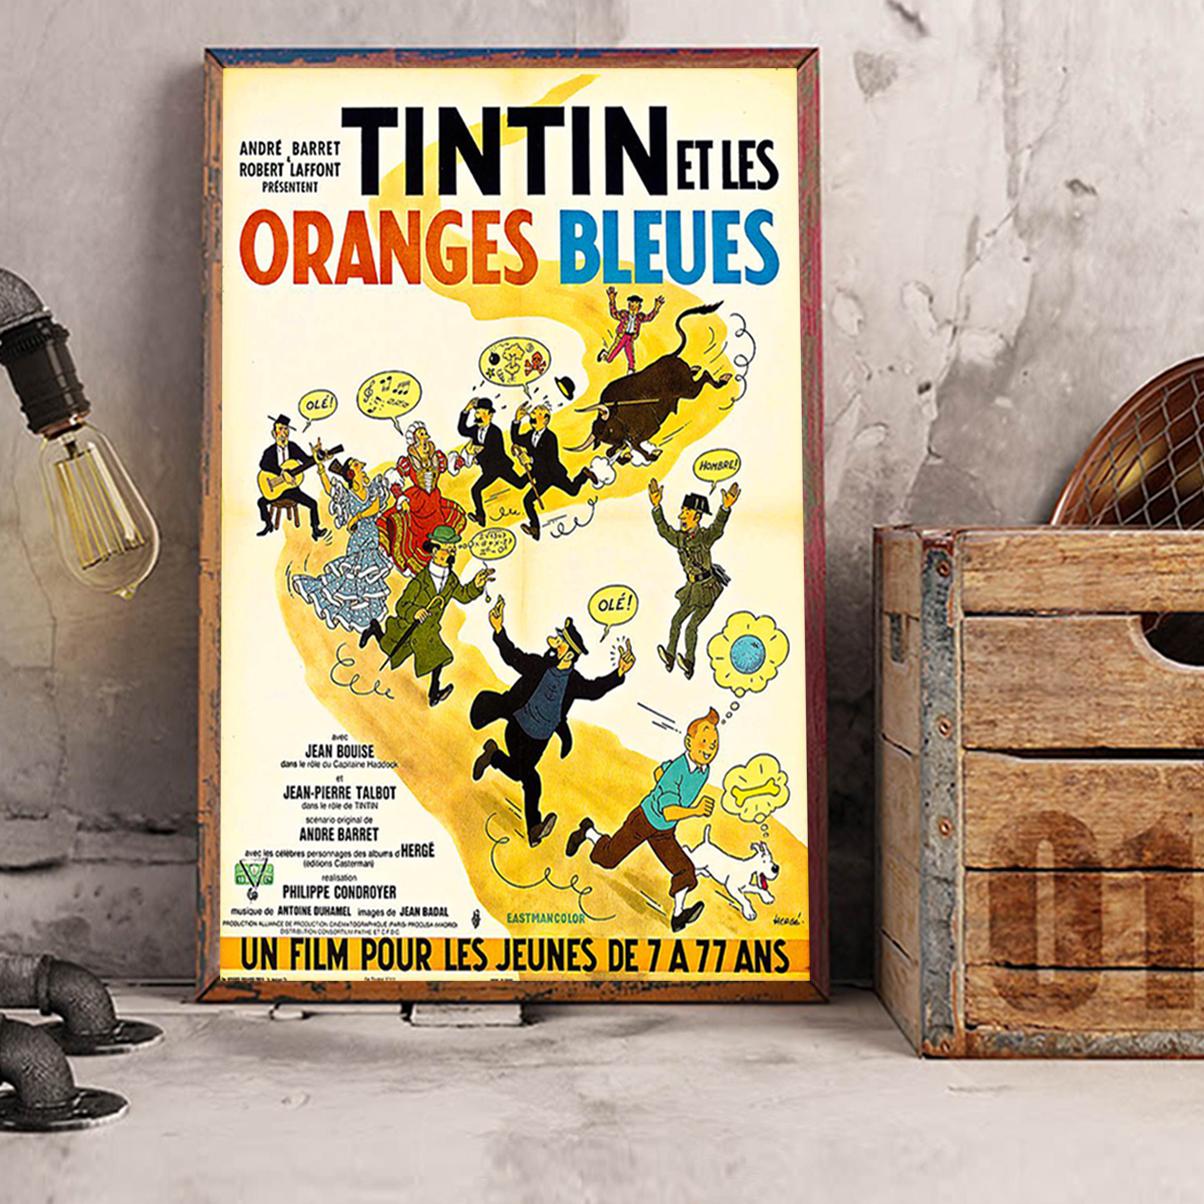 Tintin et les oranges bleues affiche A3